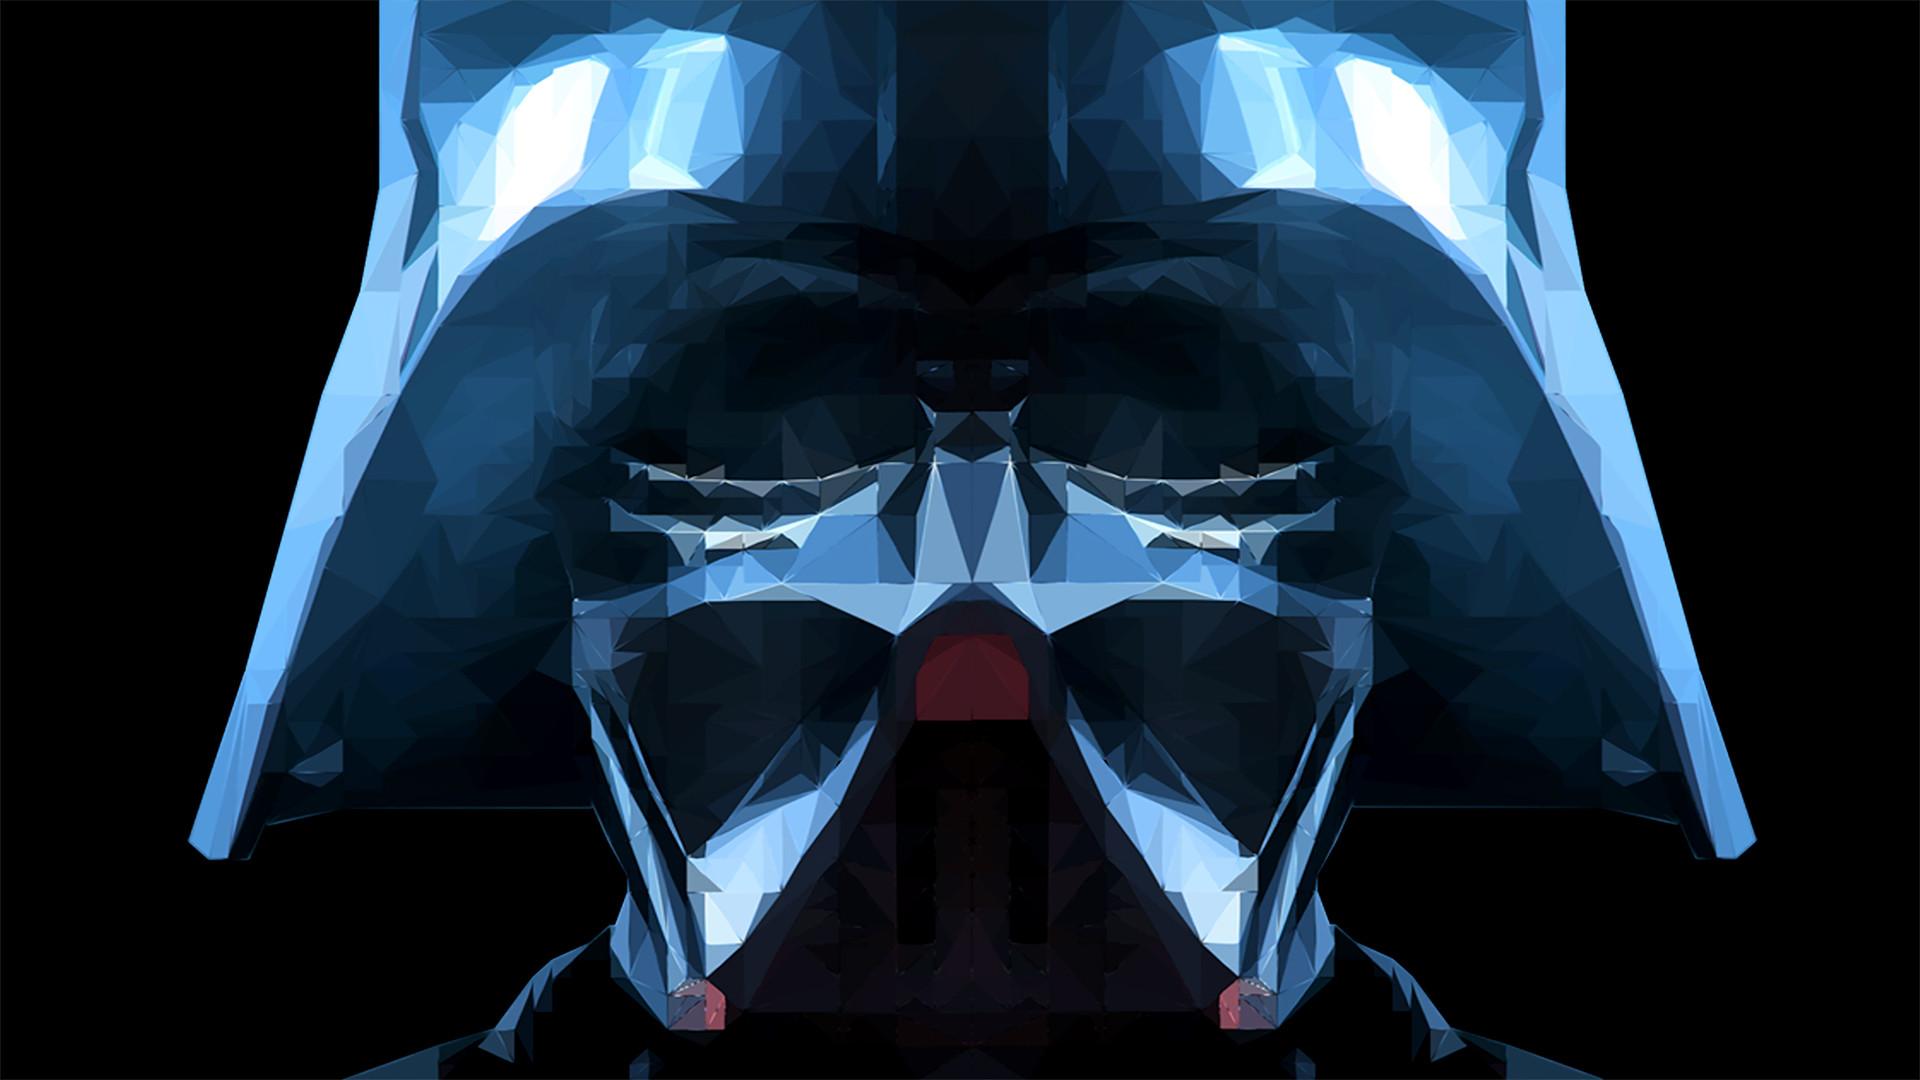 ArtStation - Darth Vader Low Poly Portrait, Shashanka Malhotra